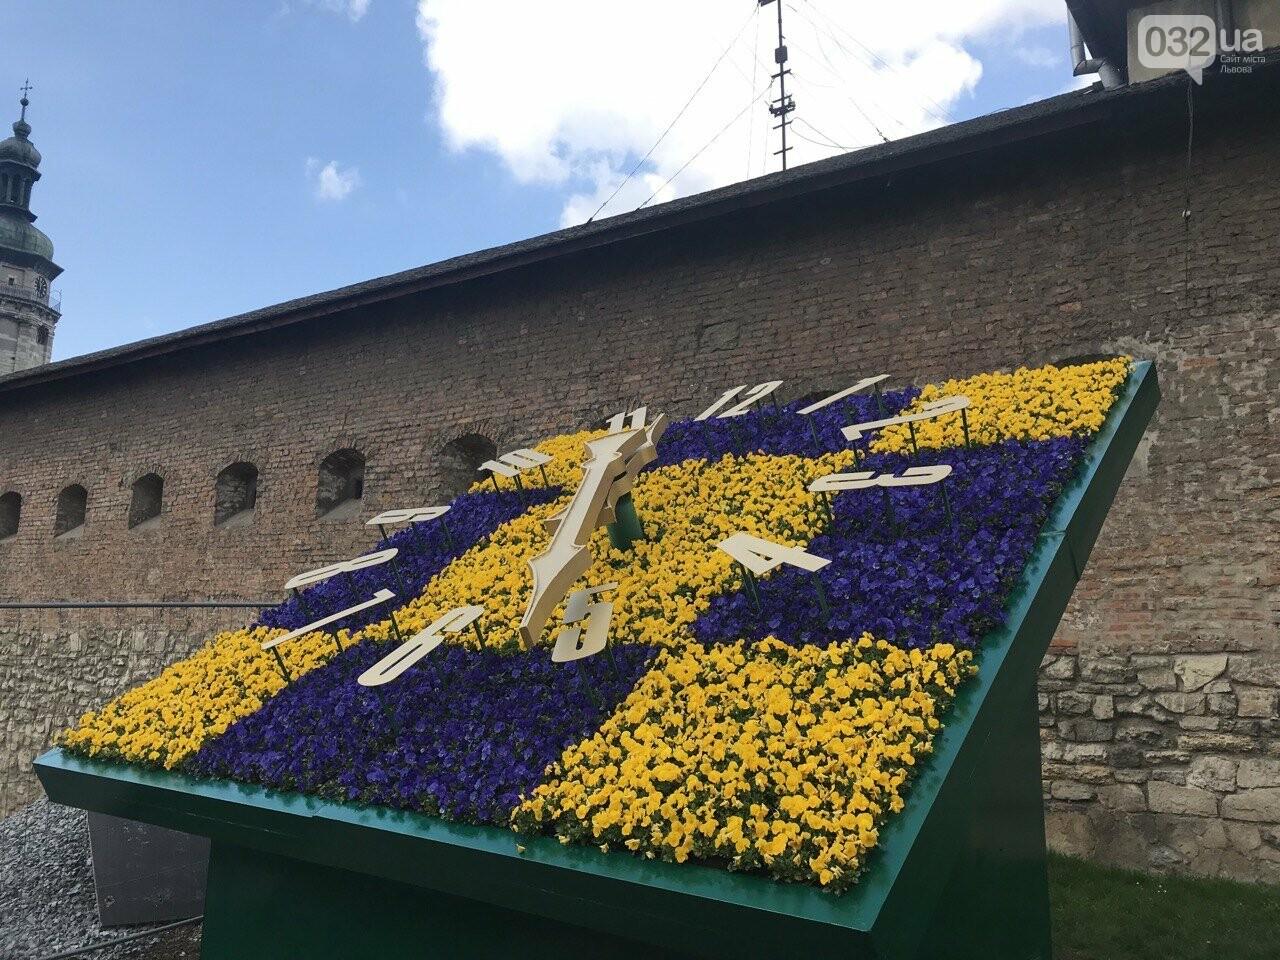 Квітковий годинник, Фото: 032.ua